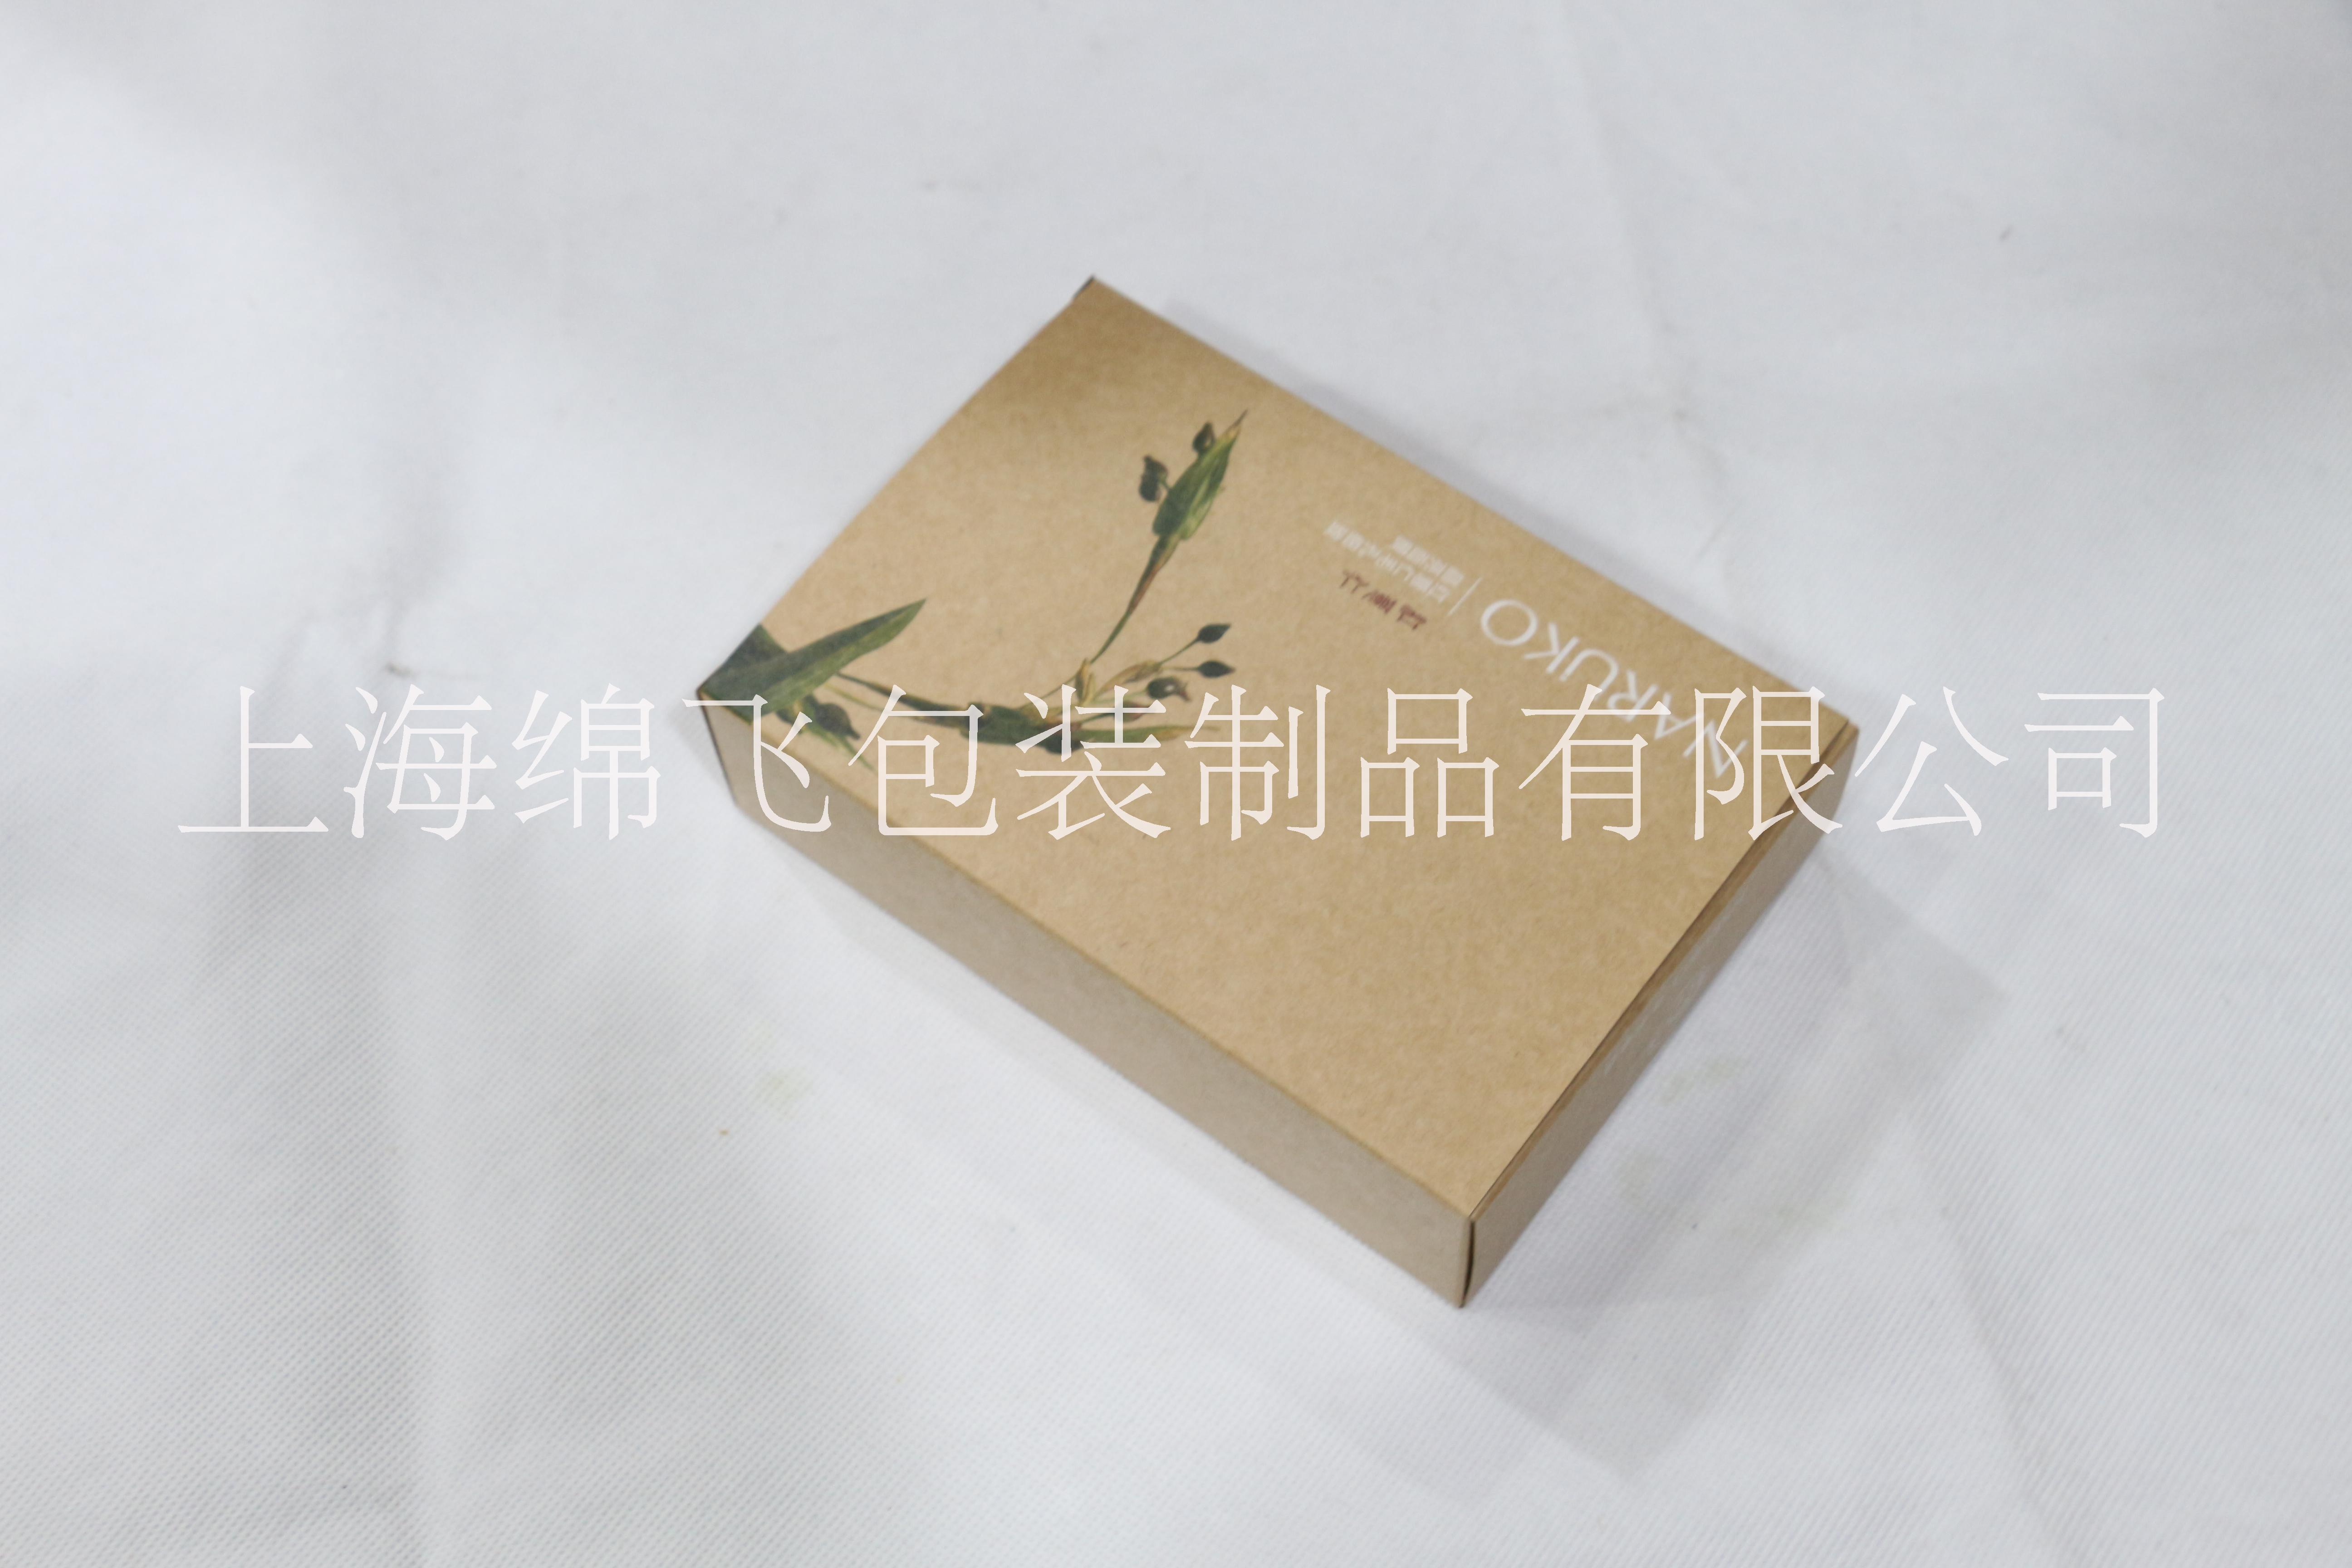 厂家订小礼品 西点盒 厂家订化妆品包装盒 厂家订手提包装礼盒 牛皮纸盒包装 牛肉干包装